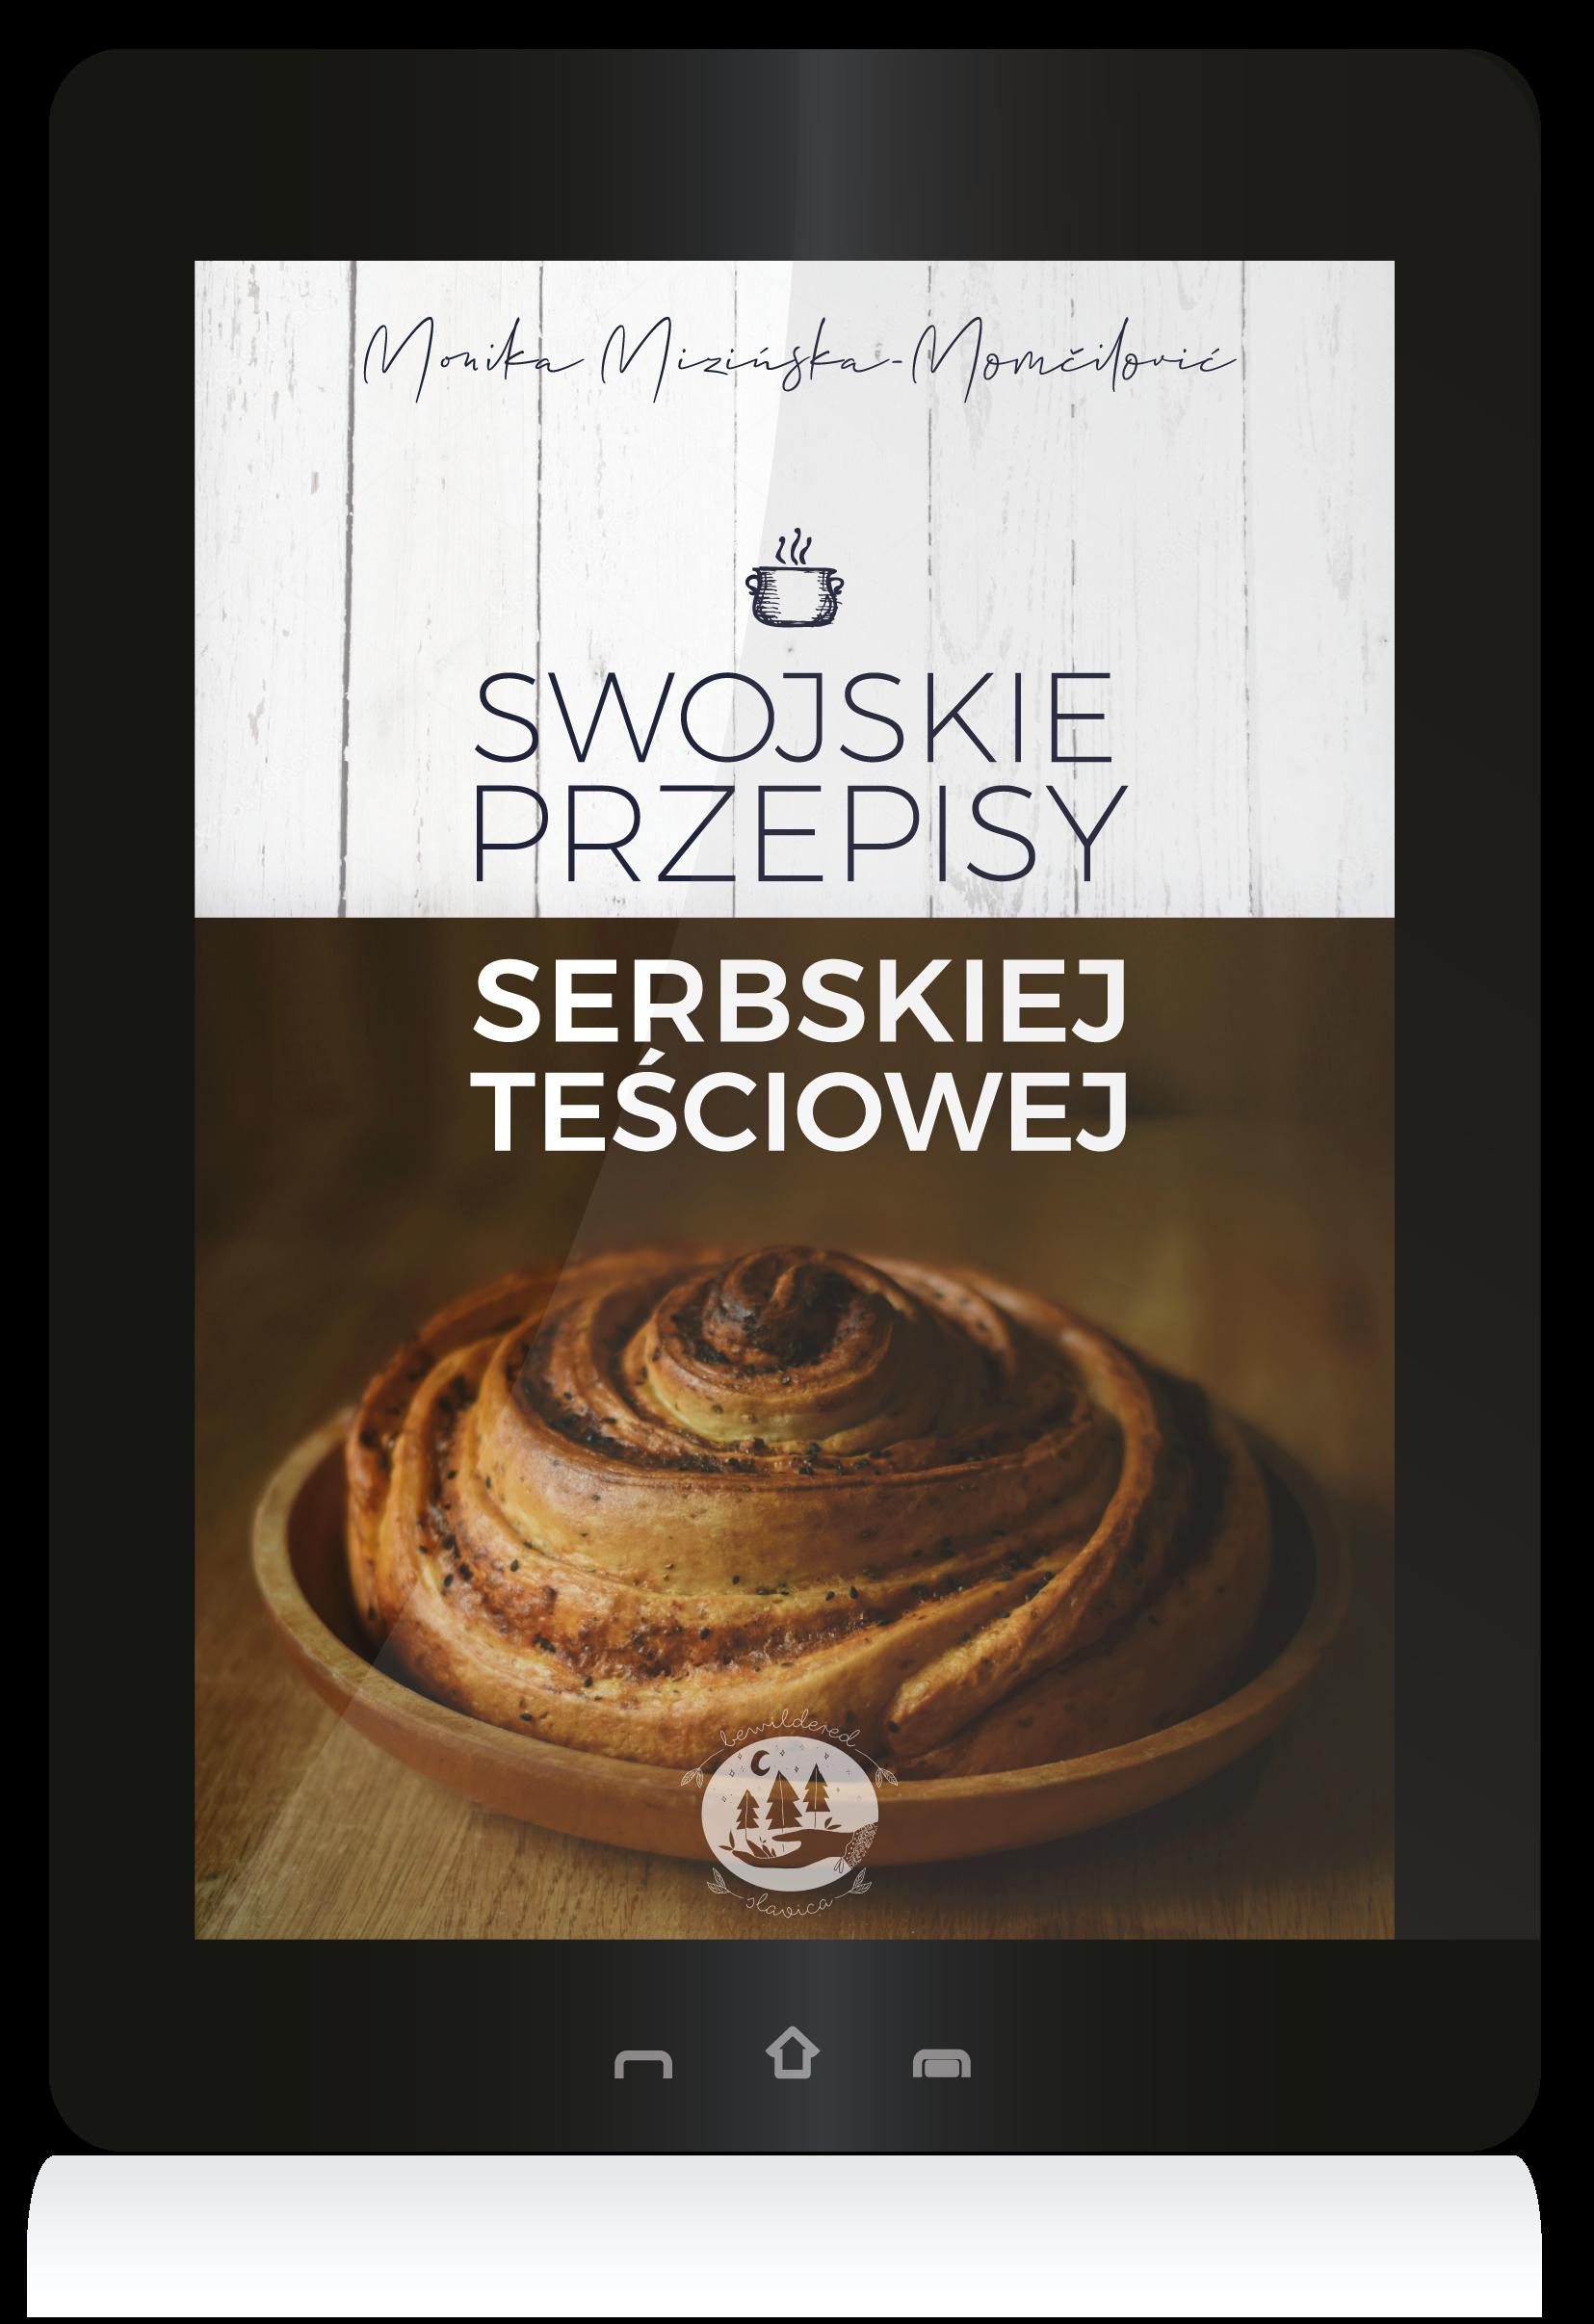 Swojskie przepisy serbskiej teściowej [e-book]